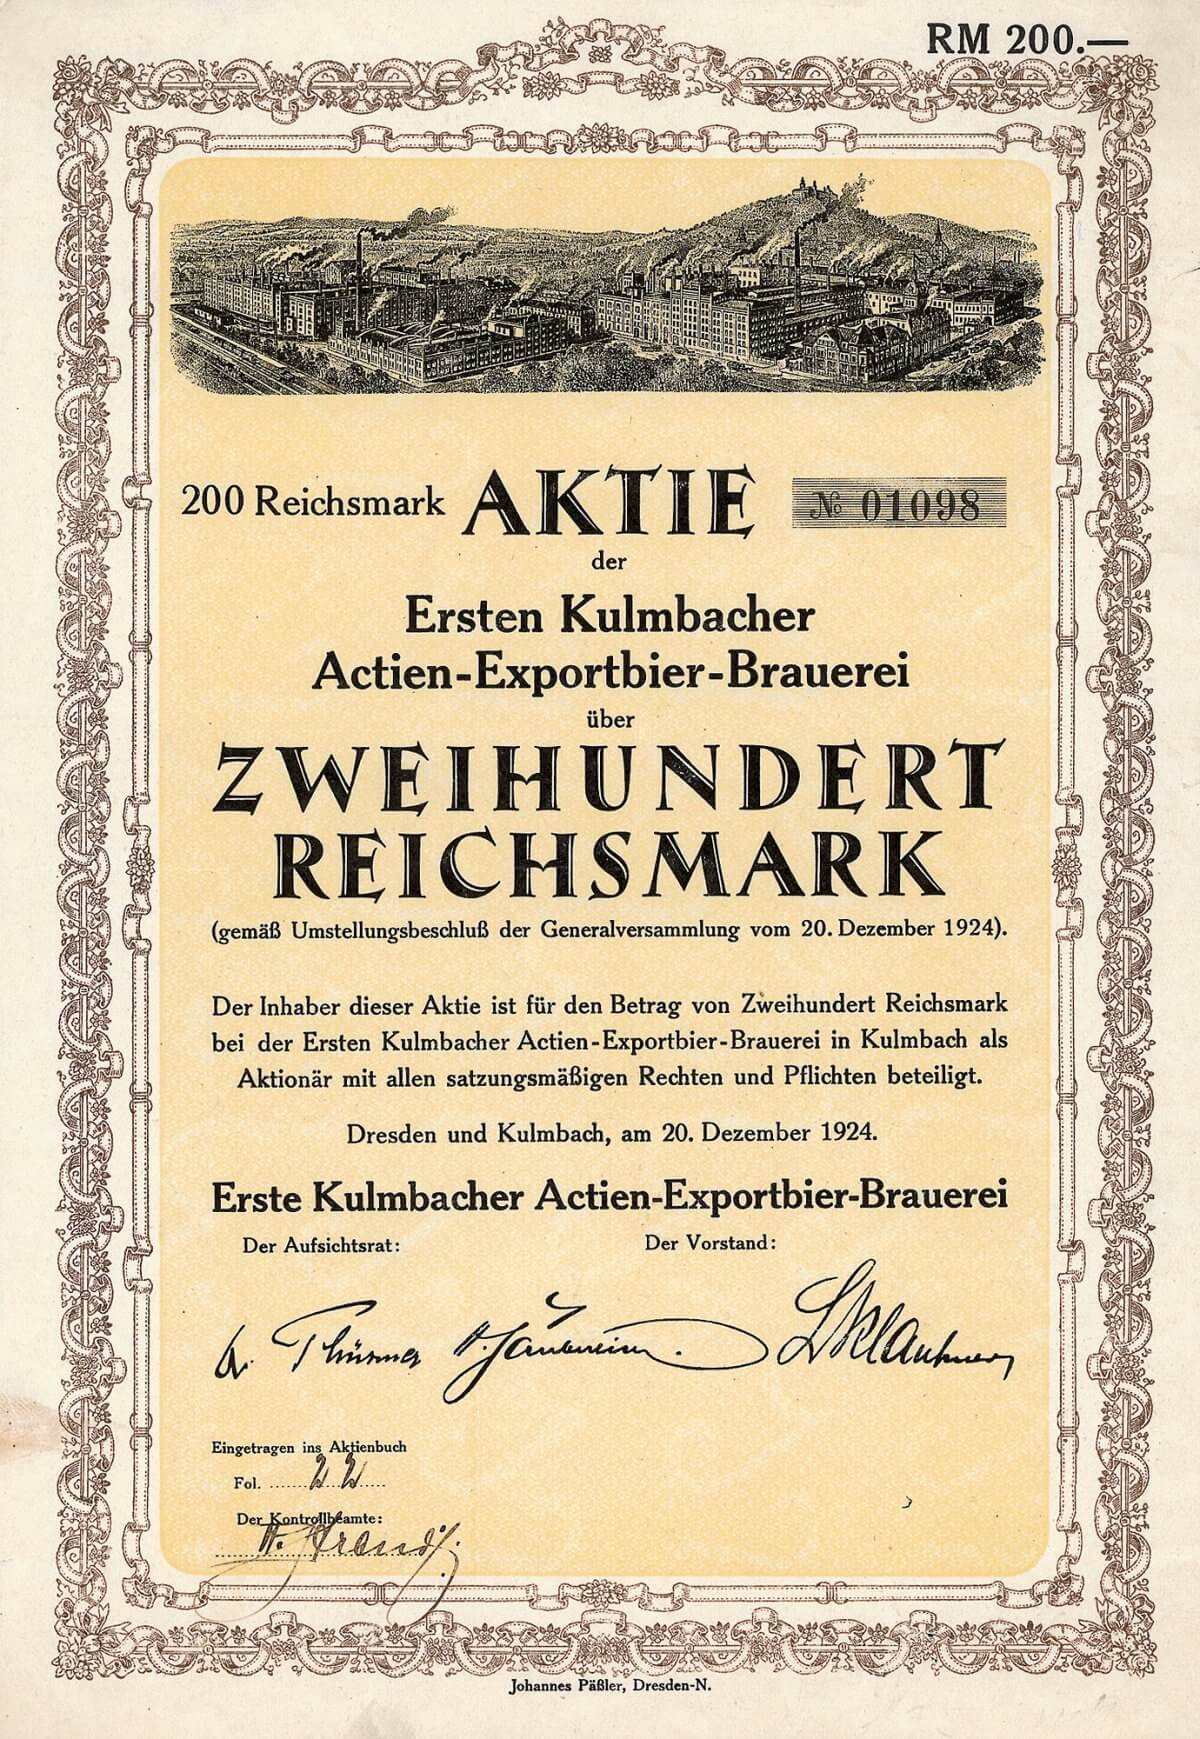 Erste Kulmbacher Actien-Exportbier-Brauerei, Dresden und Kulmbach, Aktie über 200 Mark von 1924. Gründung 1872 mit Sitz in Dresden, 1930 Sitzverlegung nach Kulmbach. 1997 übernahm der Lokalrivale Reichelbräu AG (Schörghuber-Gruppe) die Brauerei und firmierte sie dabei in Kulmbacher Brauereien AG um.